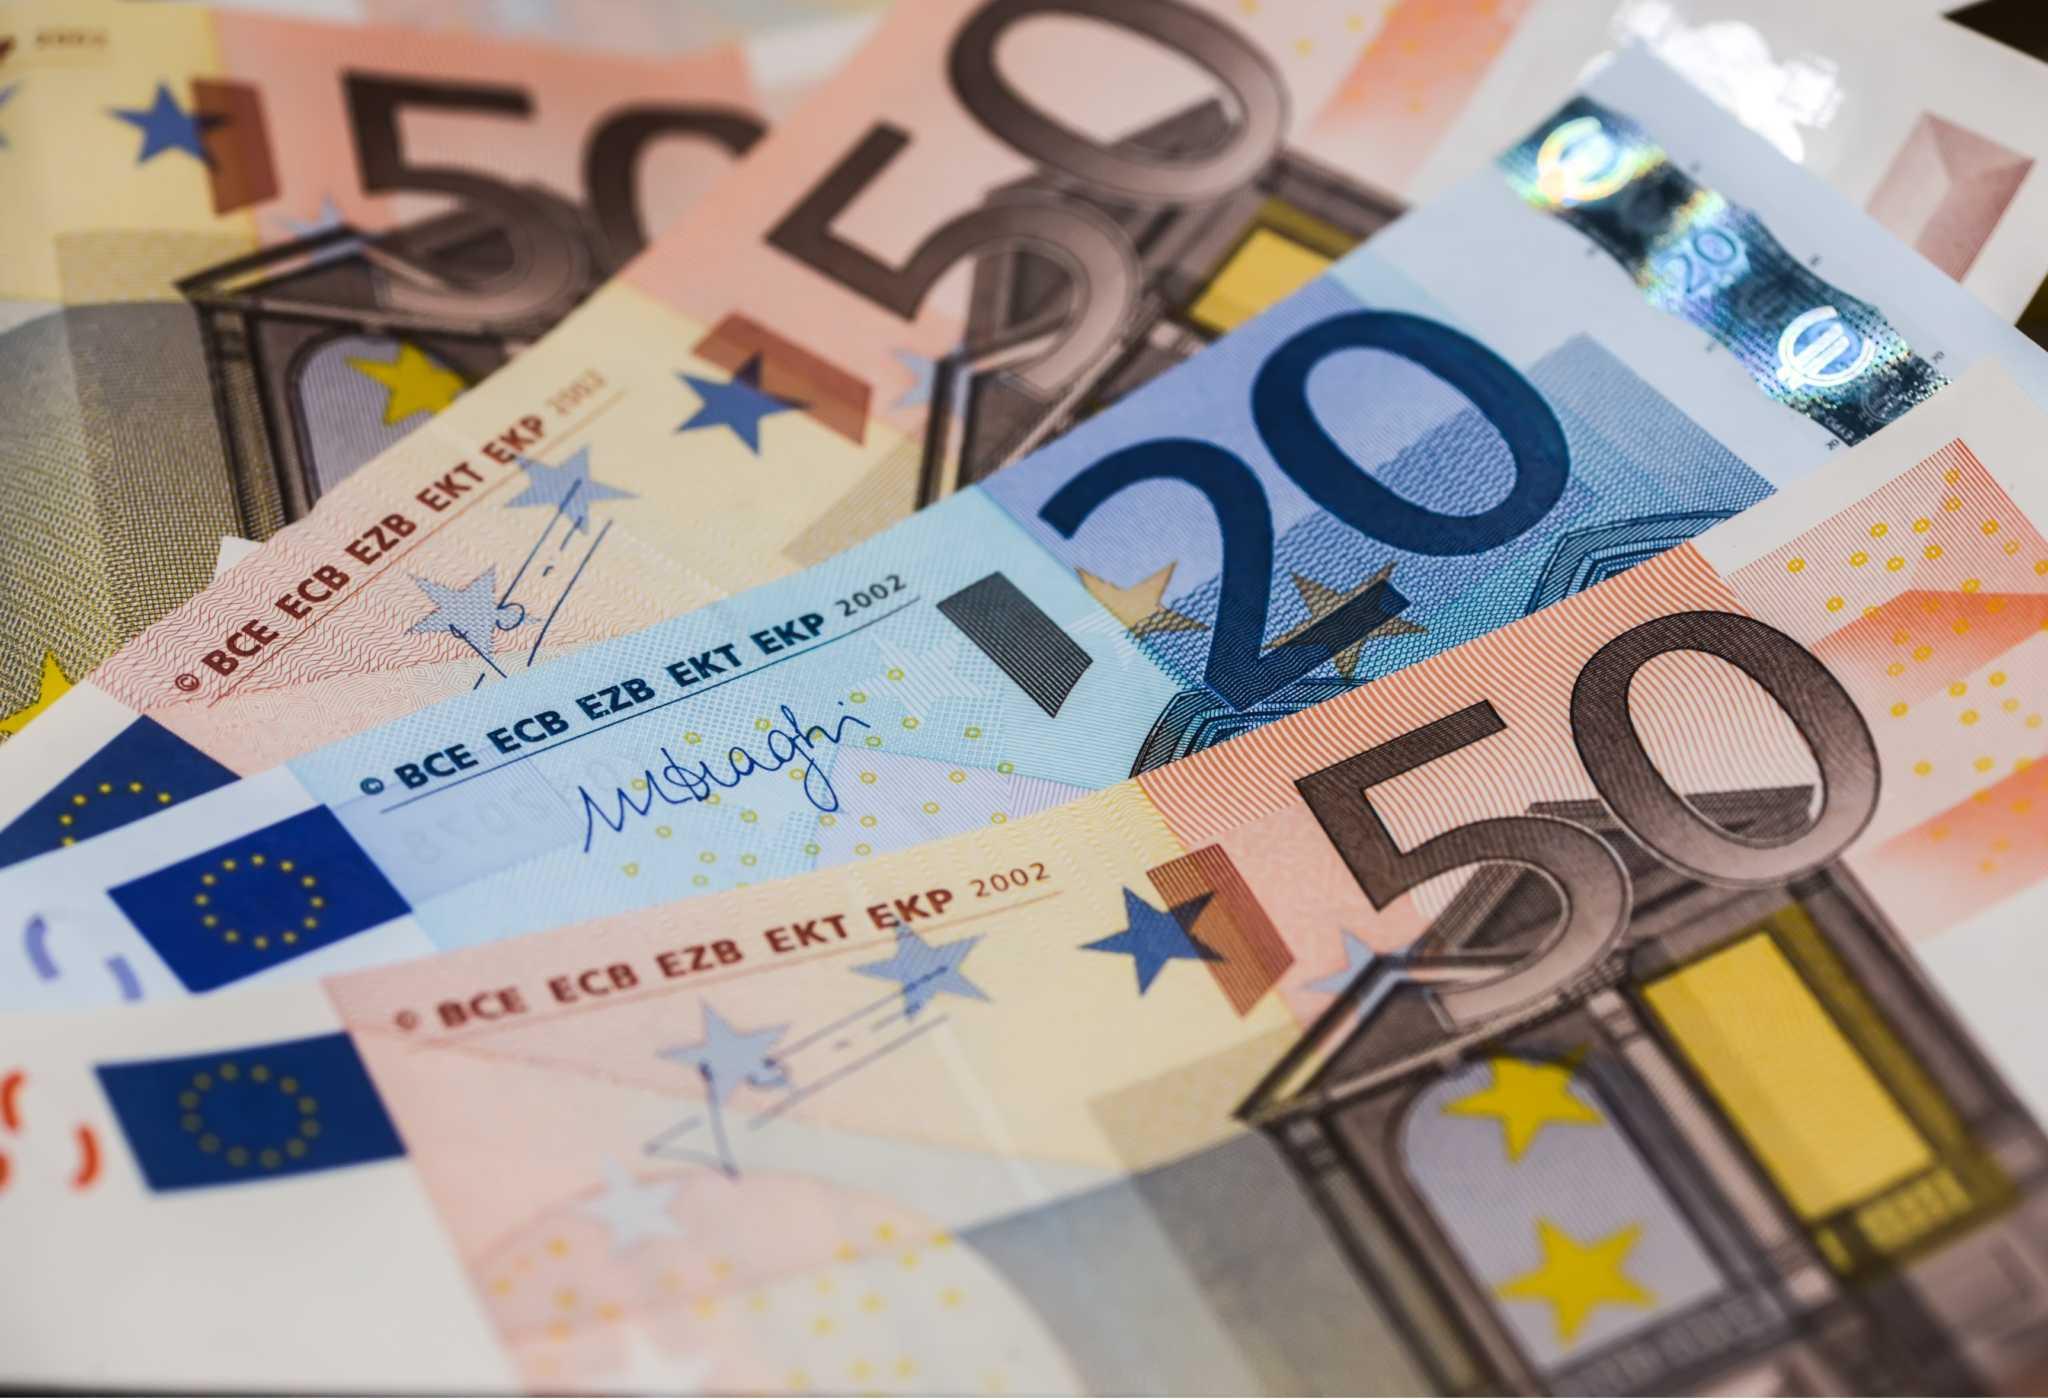 """Φλώρινα: Ακόμα """"κλαίει"""" τα 2,5 χιλιάδες ευρώ για την αγορά αυτοκινήτου"""